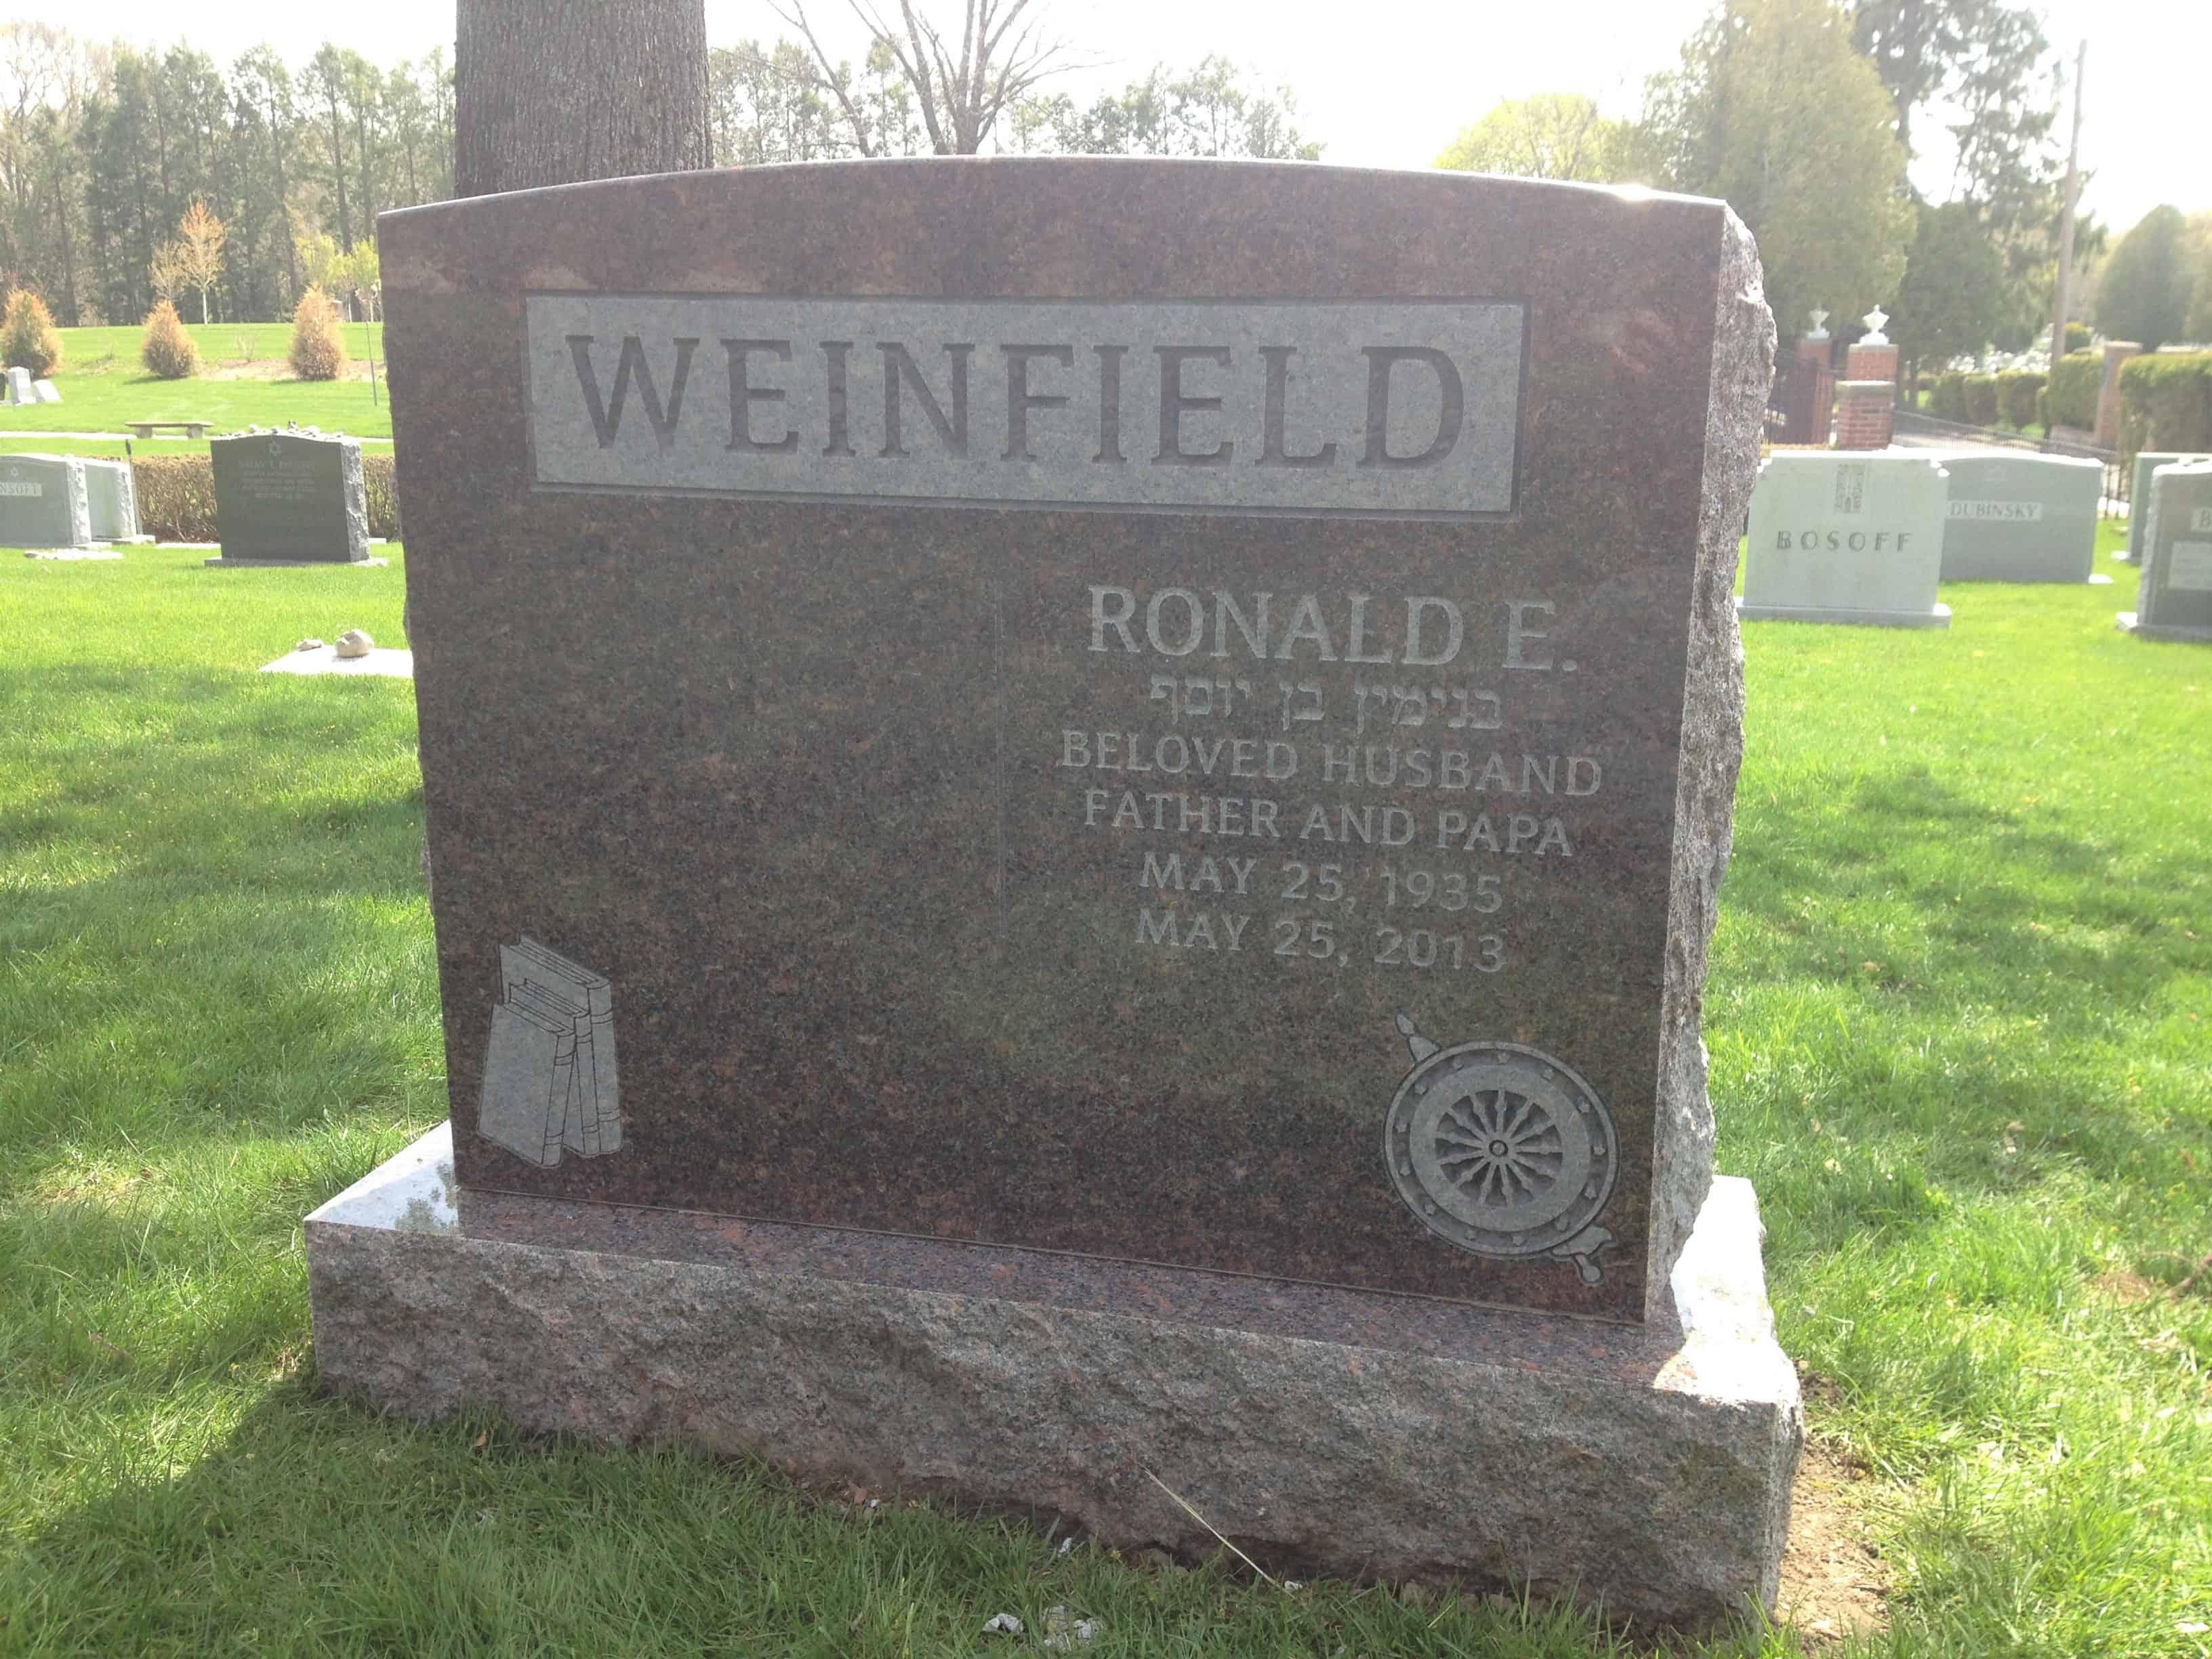 Weinfield